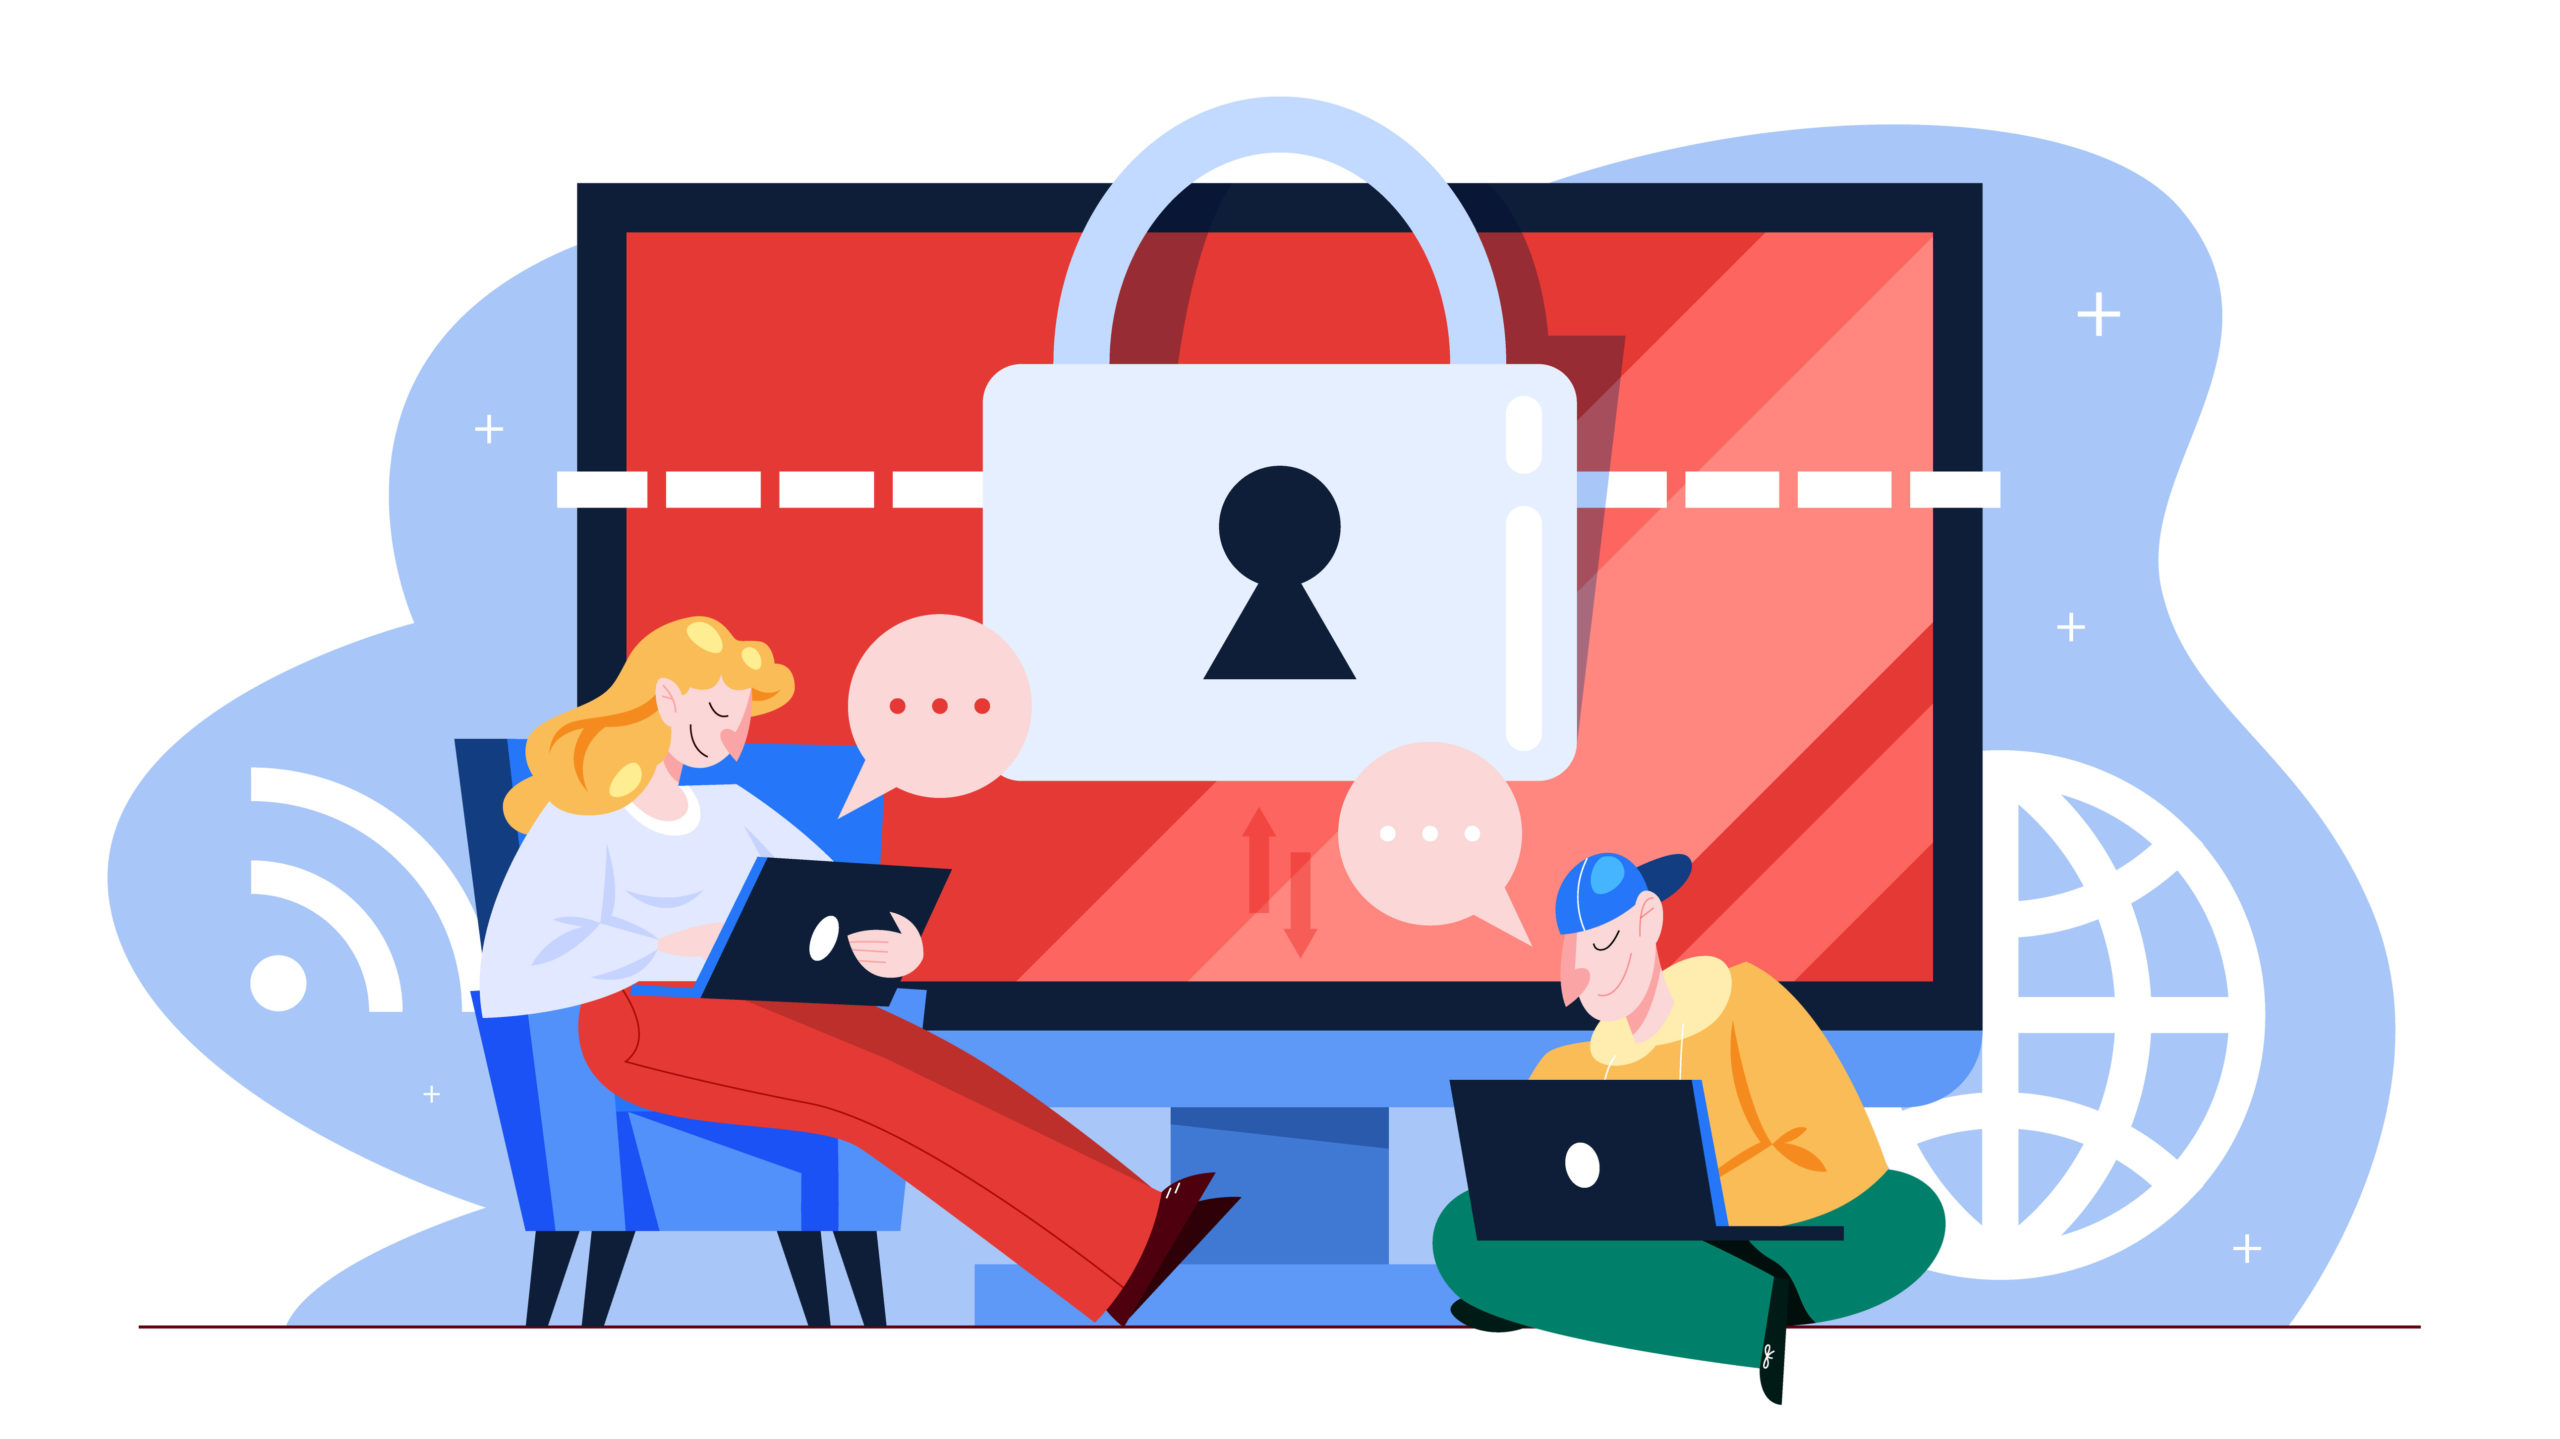 sieć internet firma alarm wykrywanie zagrożeń użytkownicy bezpieczeństwo danych